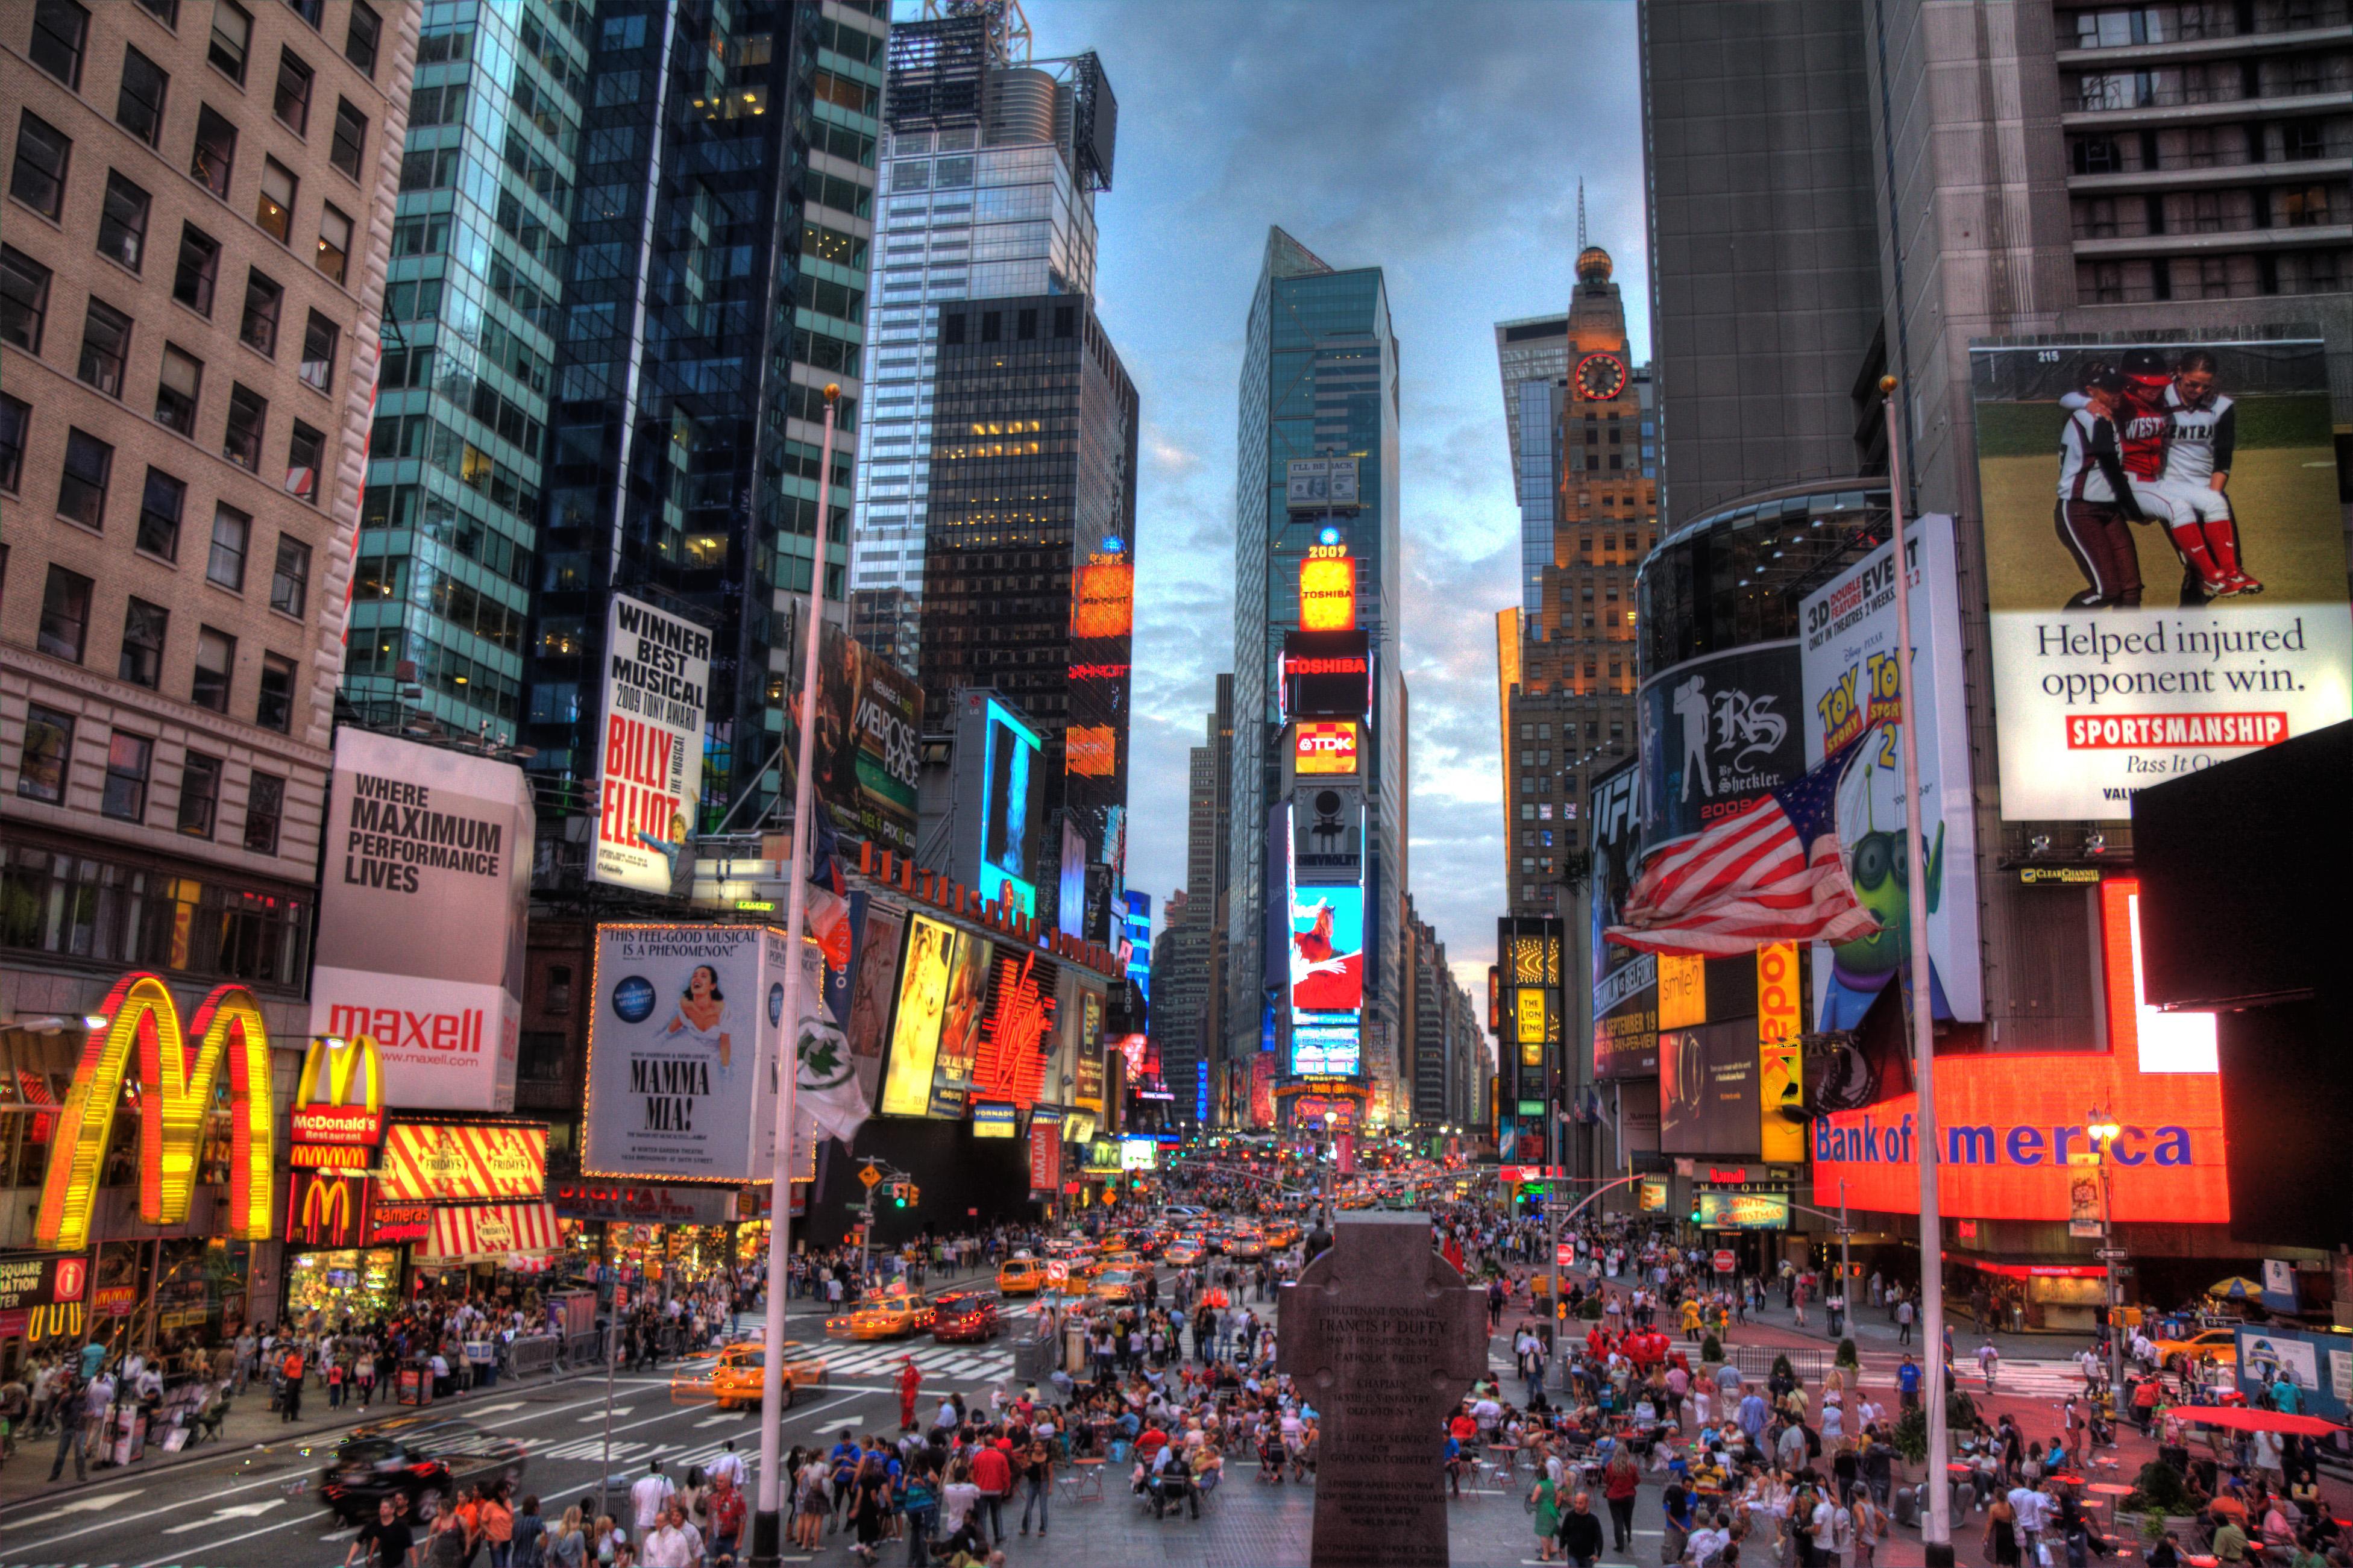 New York / Wikimedia commons